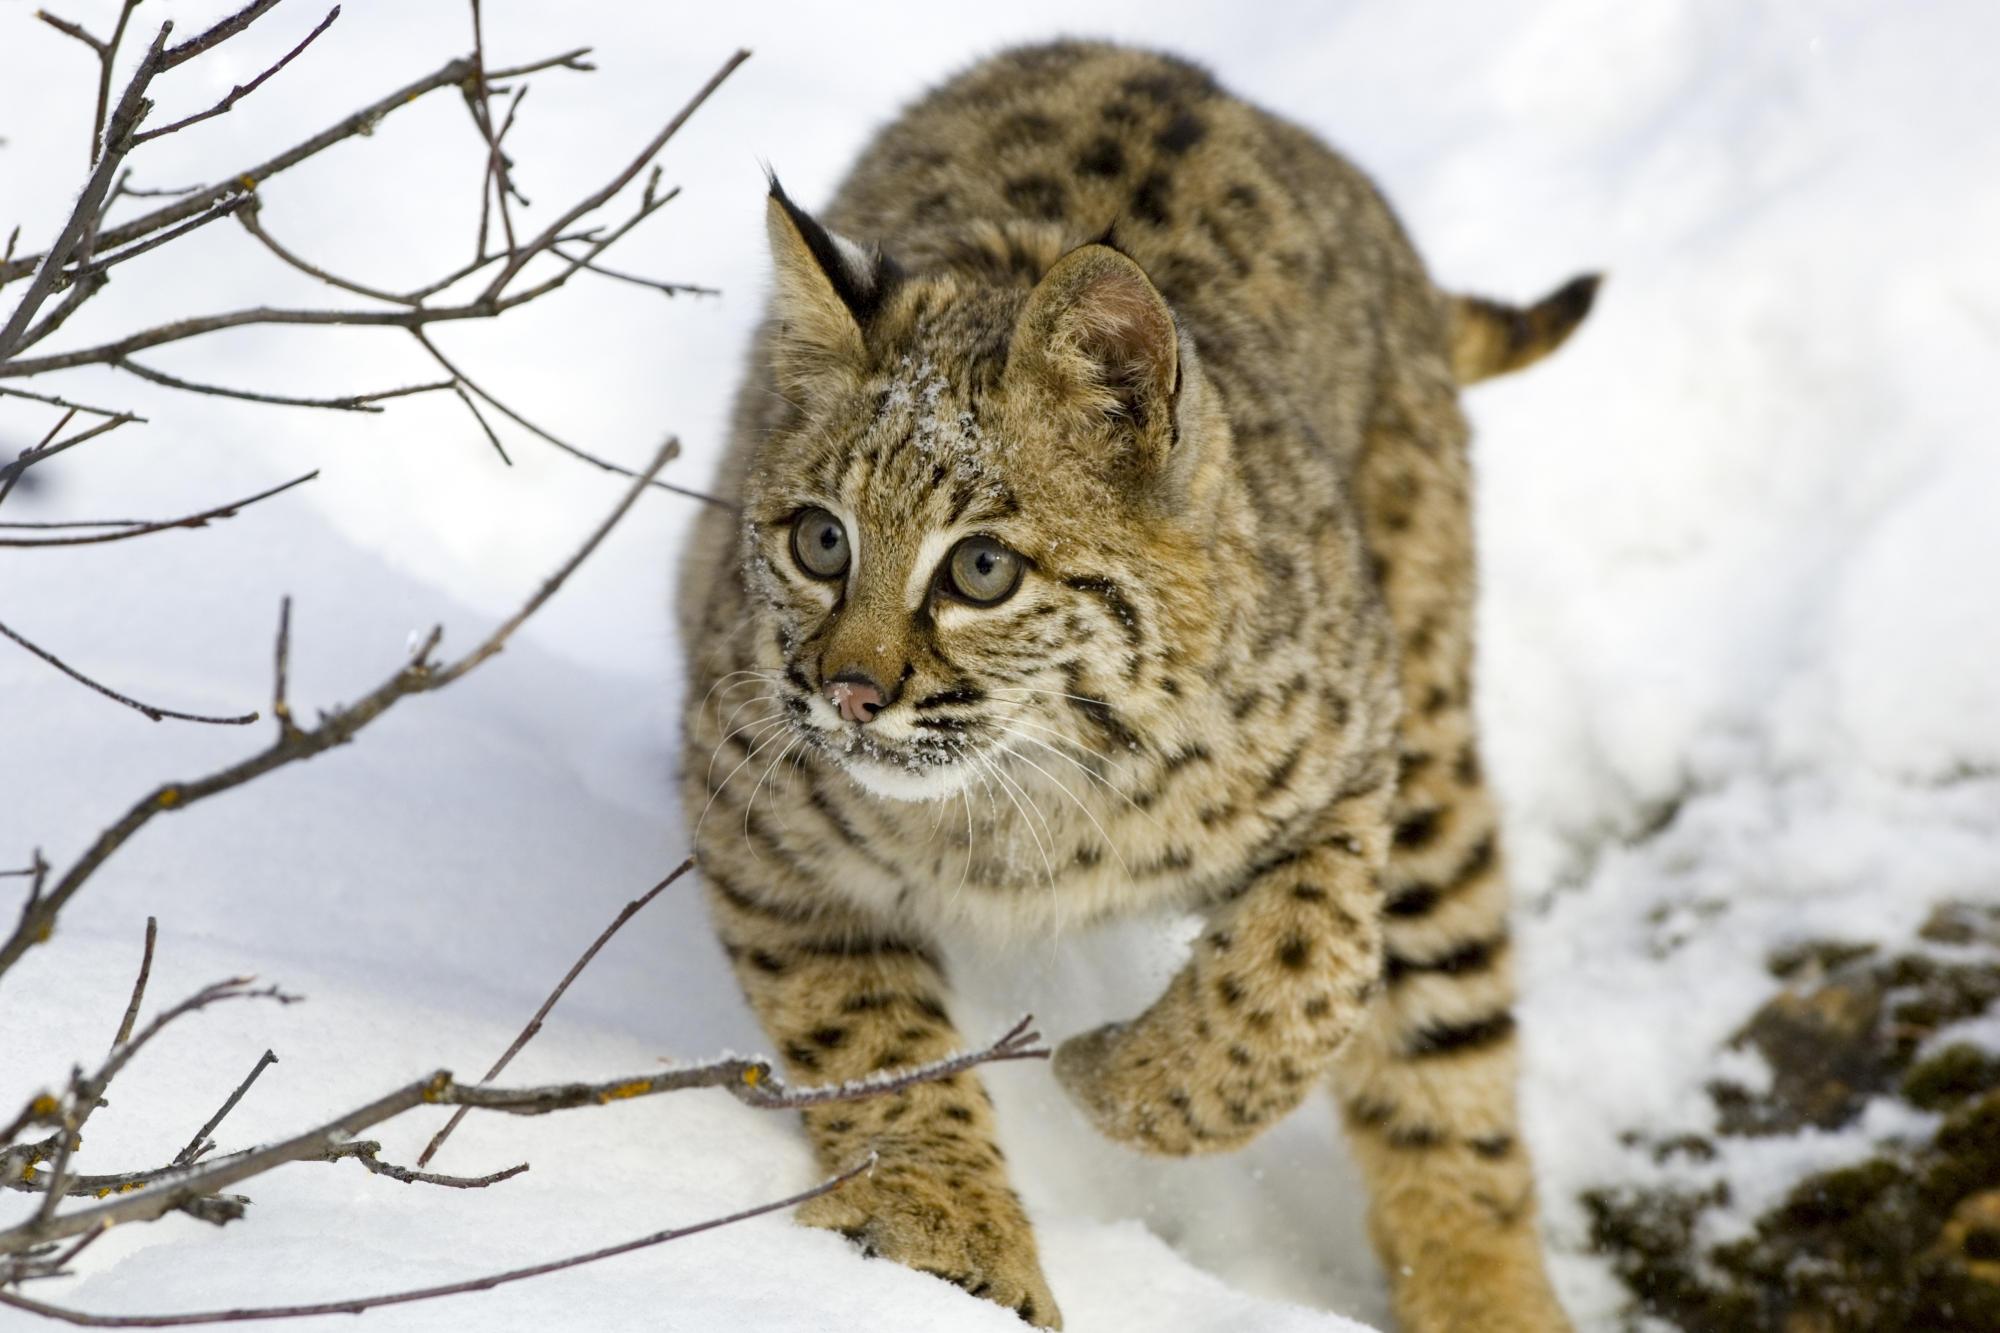 природа животные ветка деревья рысь nature animals branch trees lynx  № 559985 бесплатно